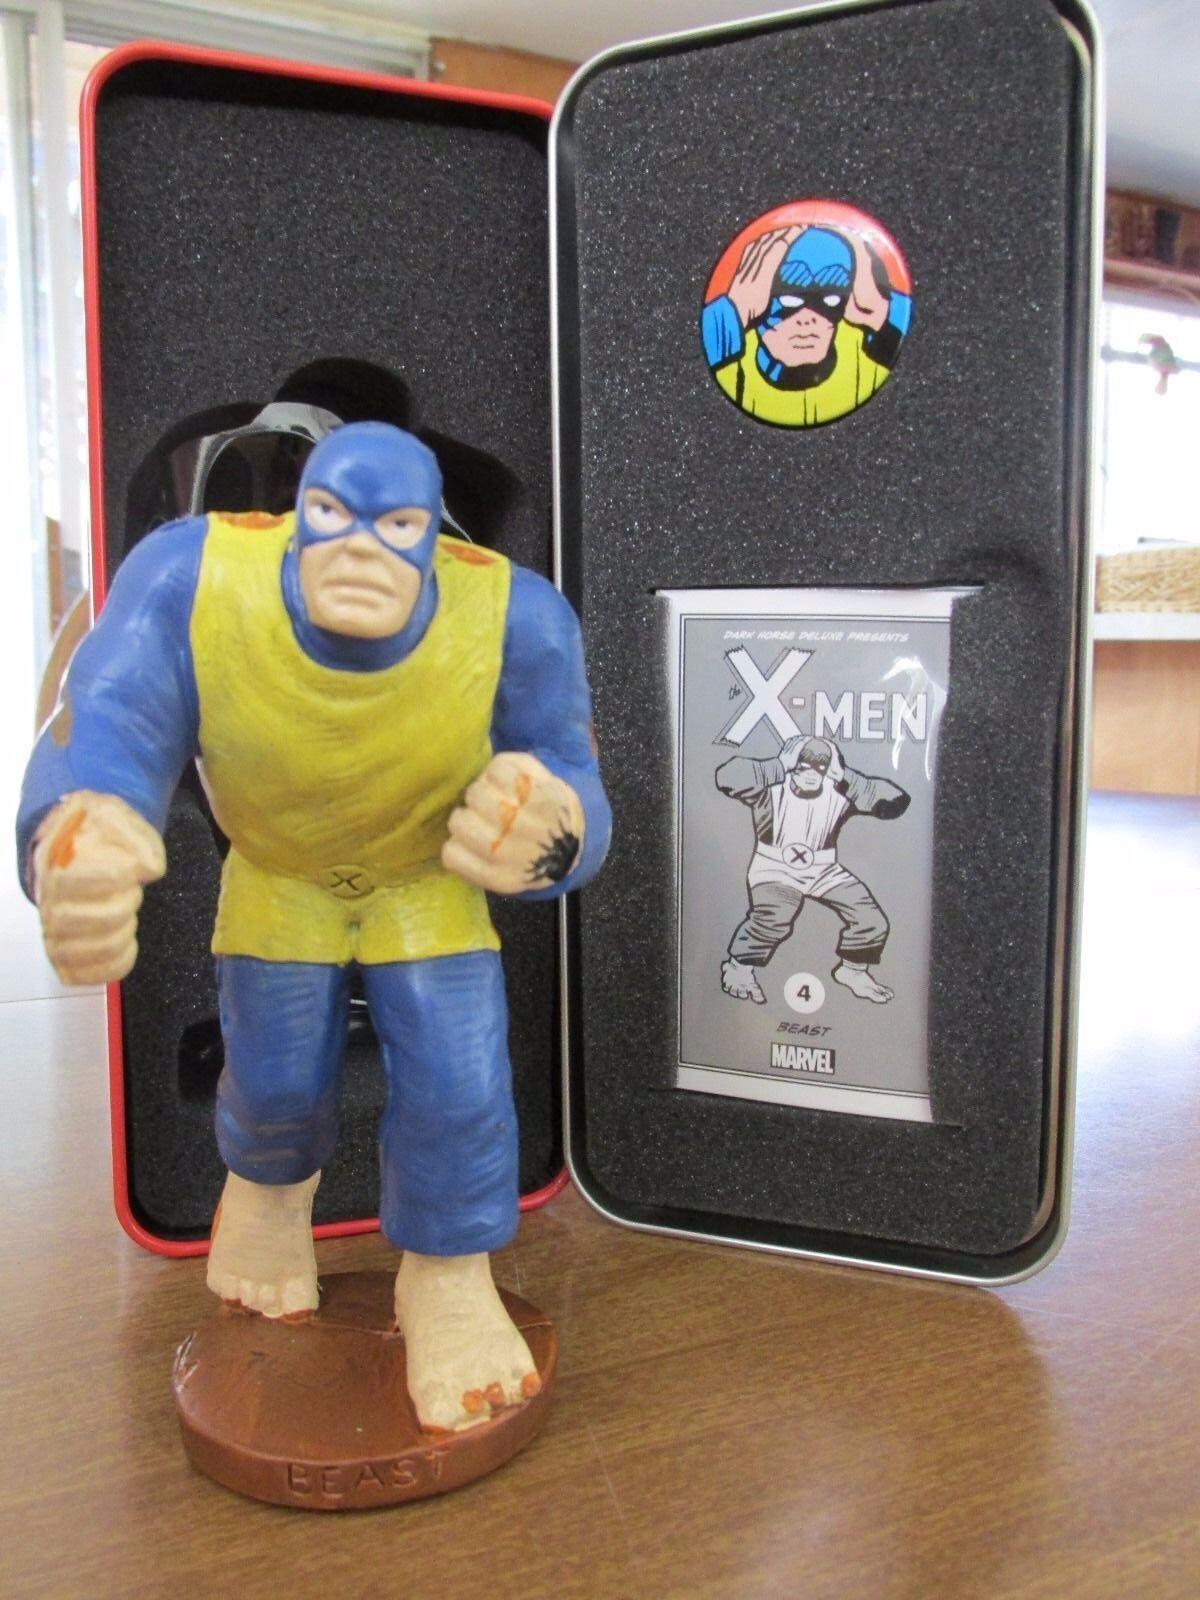 12 650 Dark Horse Deluxe X-Men  4 Marvel Classic Character  Beast Statue Figure